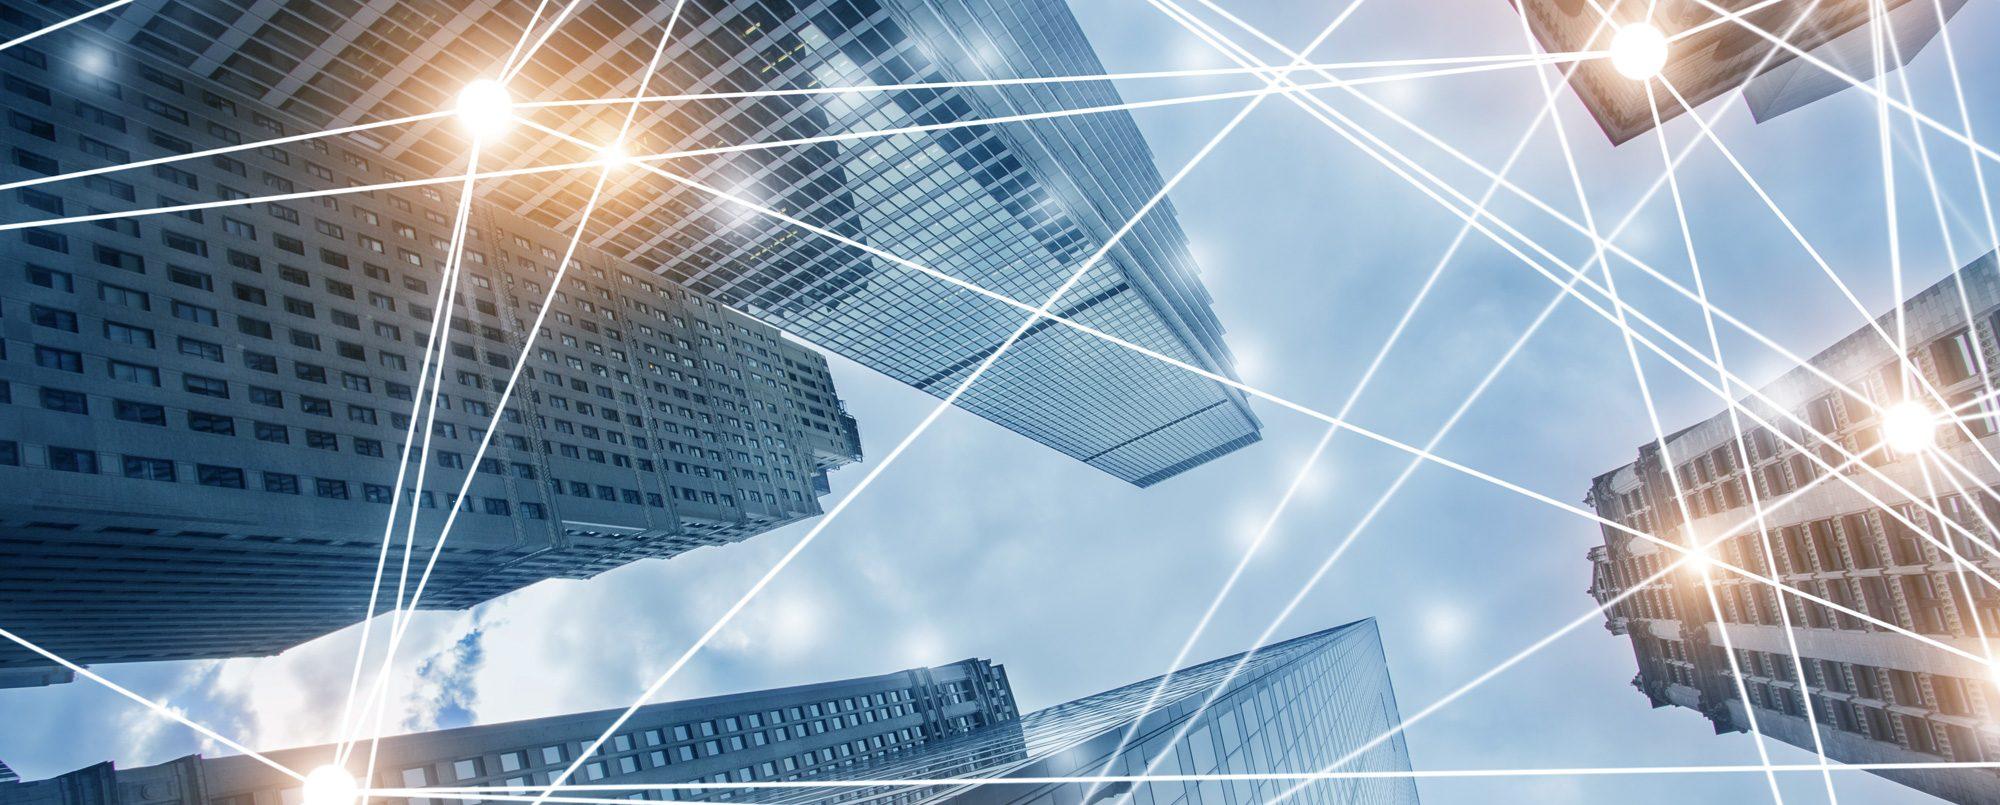 Bell은 기업 고객에게 가상 네트워크 서비스를 제공합니다 ...